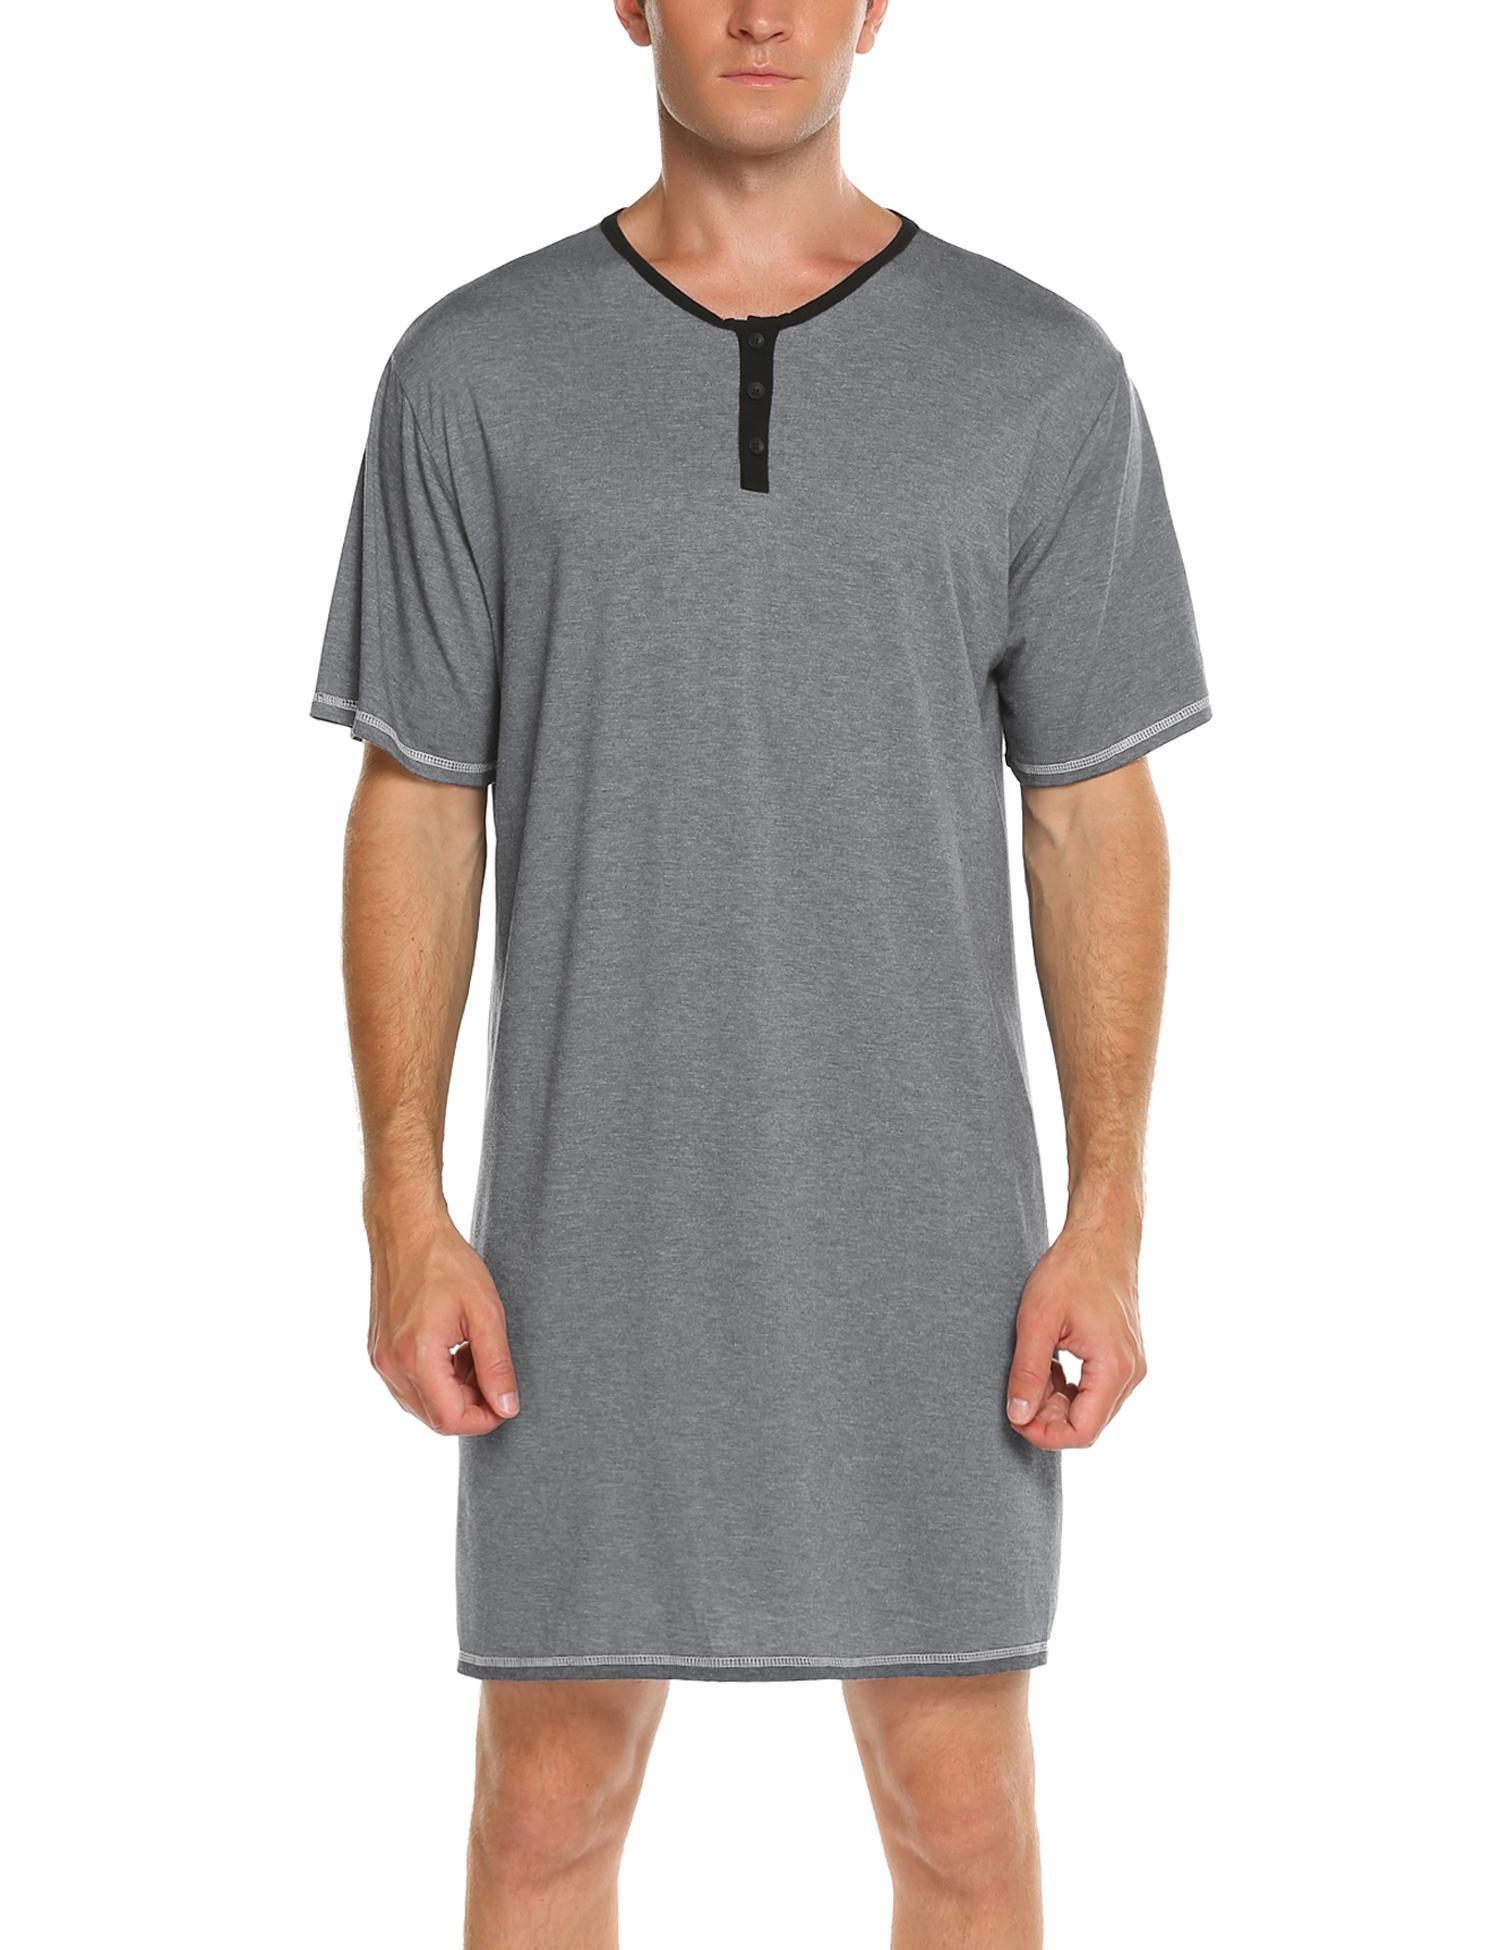 Declare Men's Sleep Shirt Nightshirt Short Sleeve Henley Sleepshirt Kaftan Nightwear(Grey,3XL) by Declare